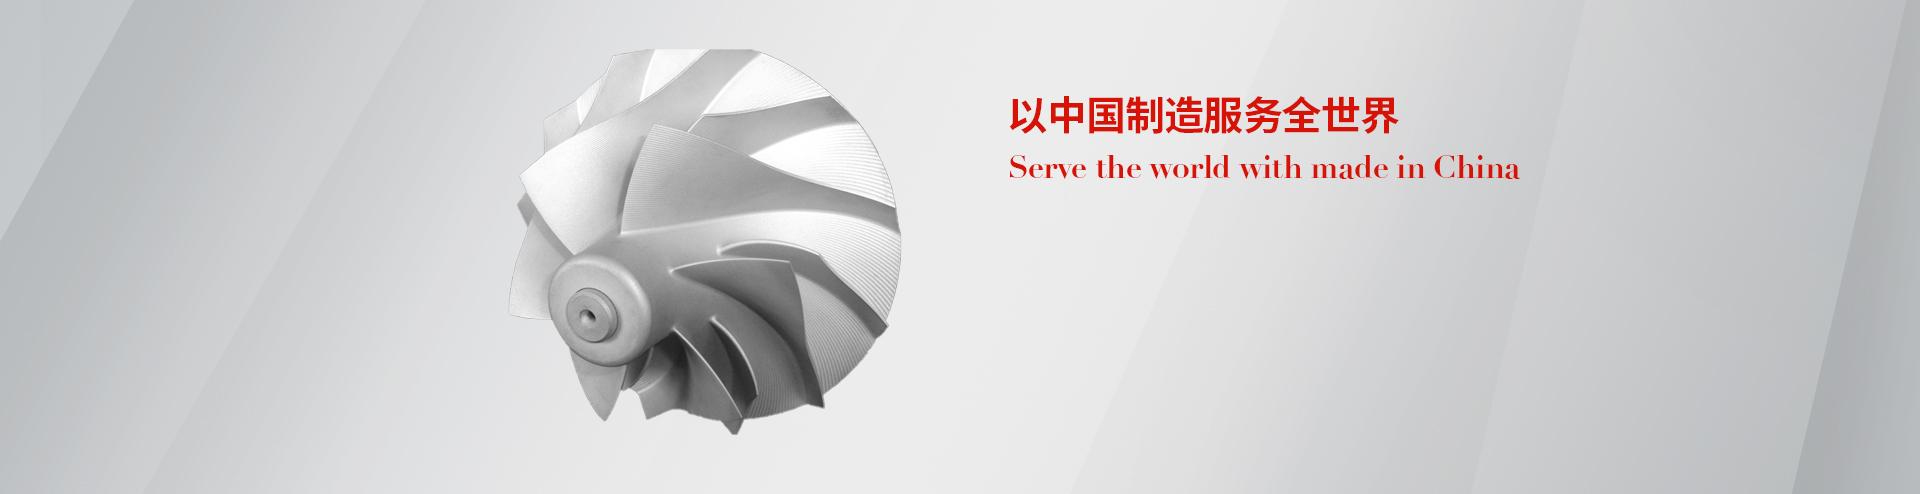 http://www.zj-meisong.com/data/upload/202011/20201104161723_616.jpg